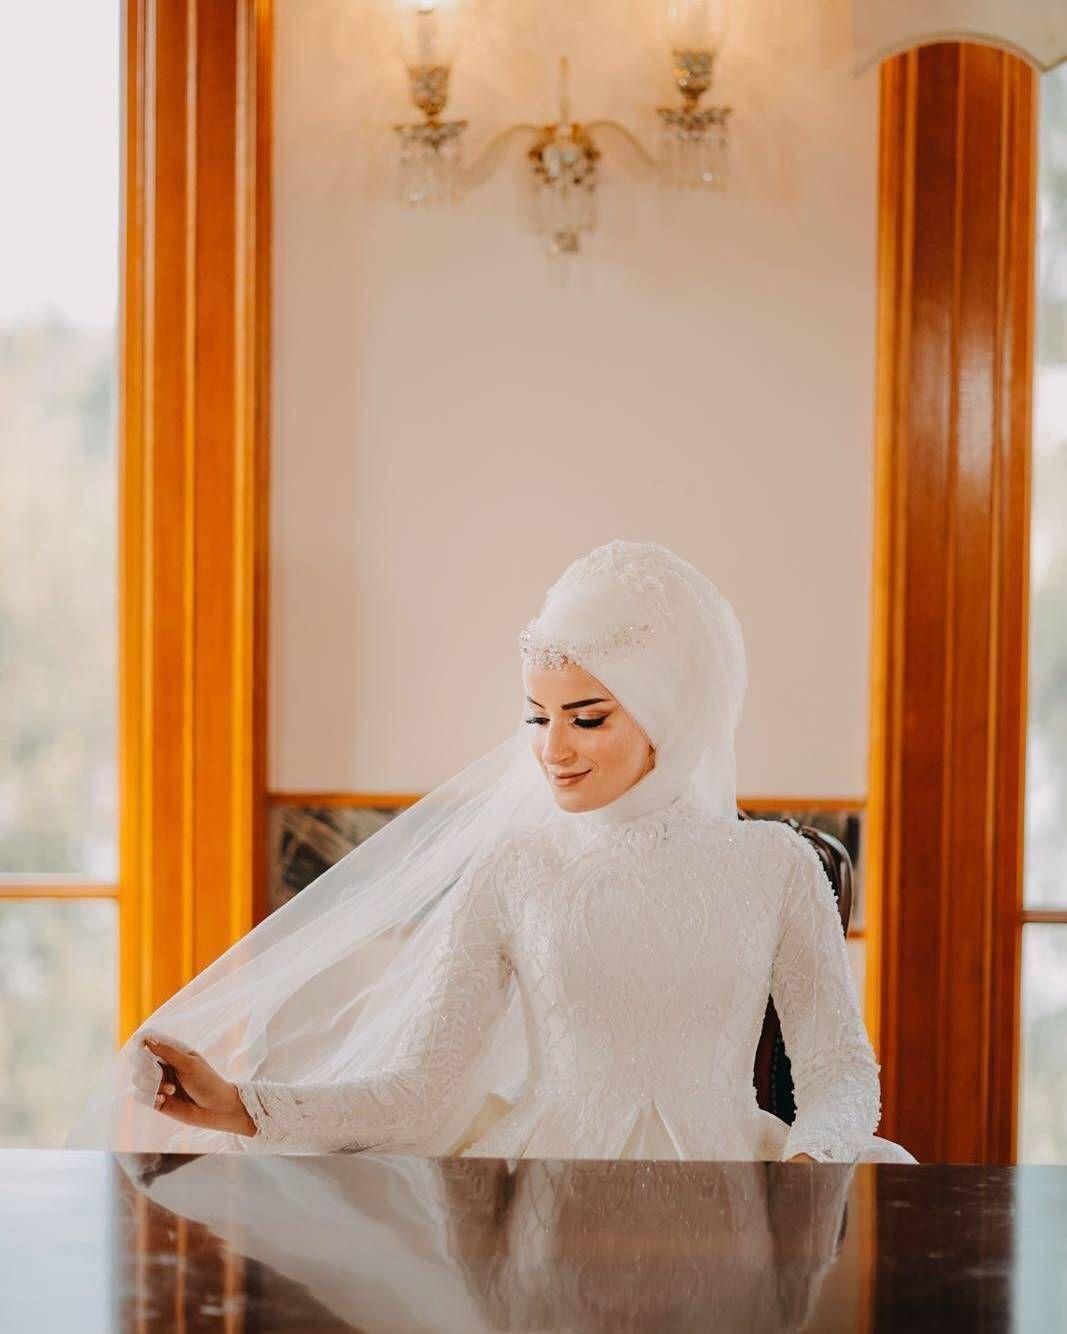 Wedding decorations muslim october 2018 Şükran erdeveci gelinlikmodeli gelinlik nişanlık